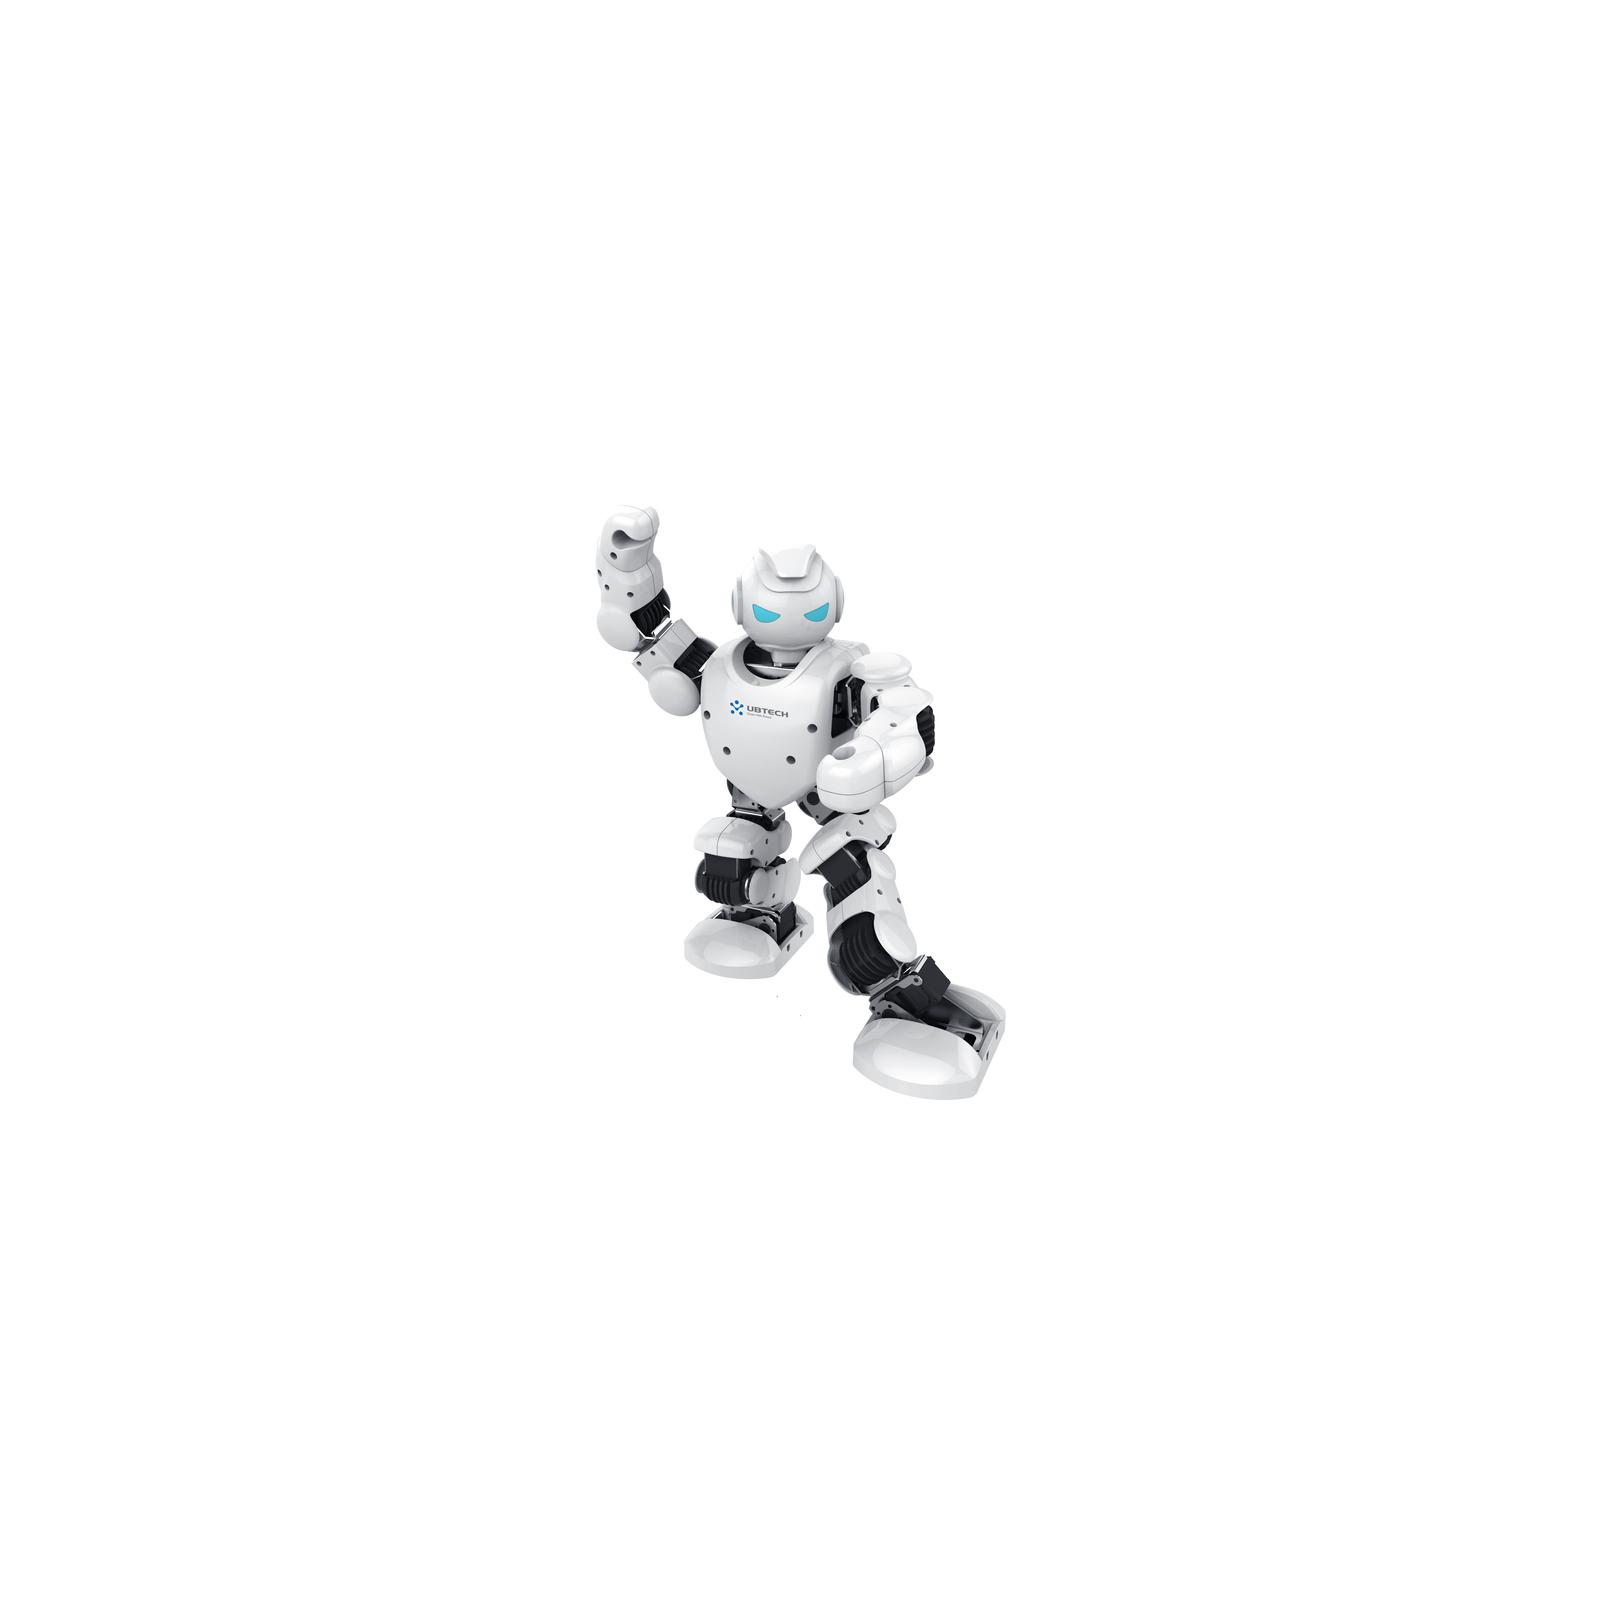 Робот Ubtech Alpha 1Pro изображение 7